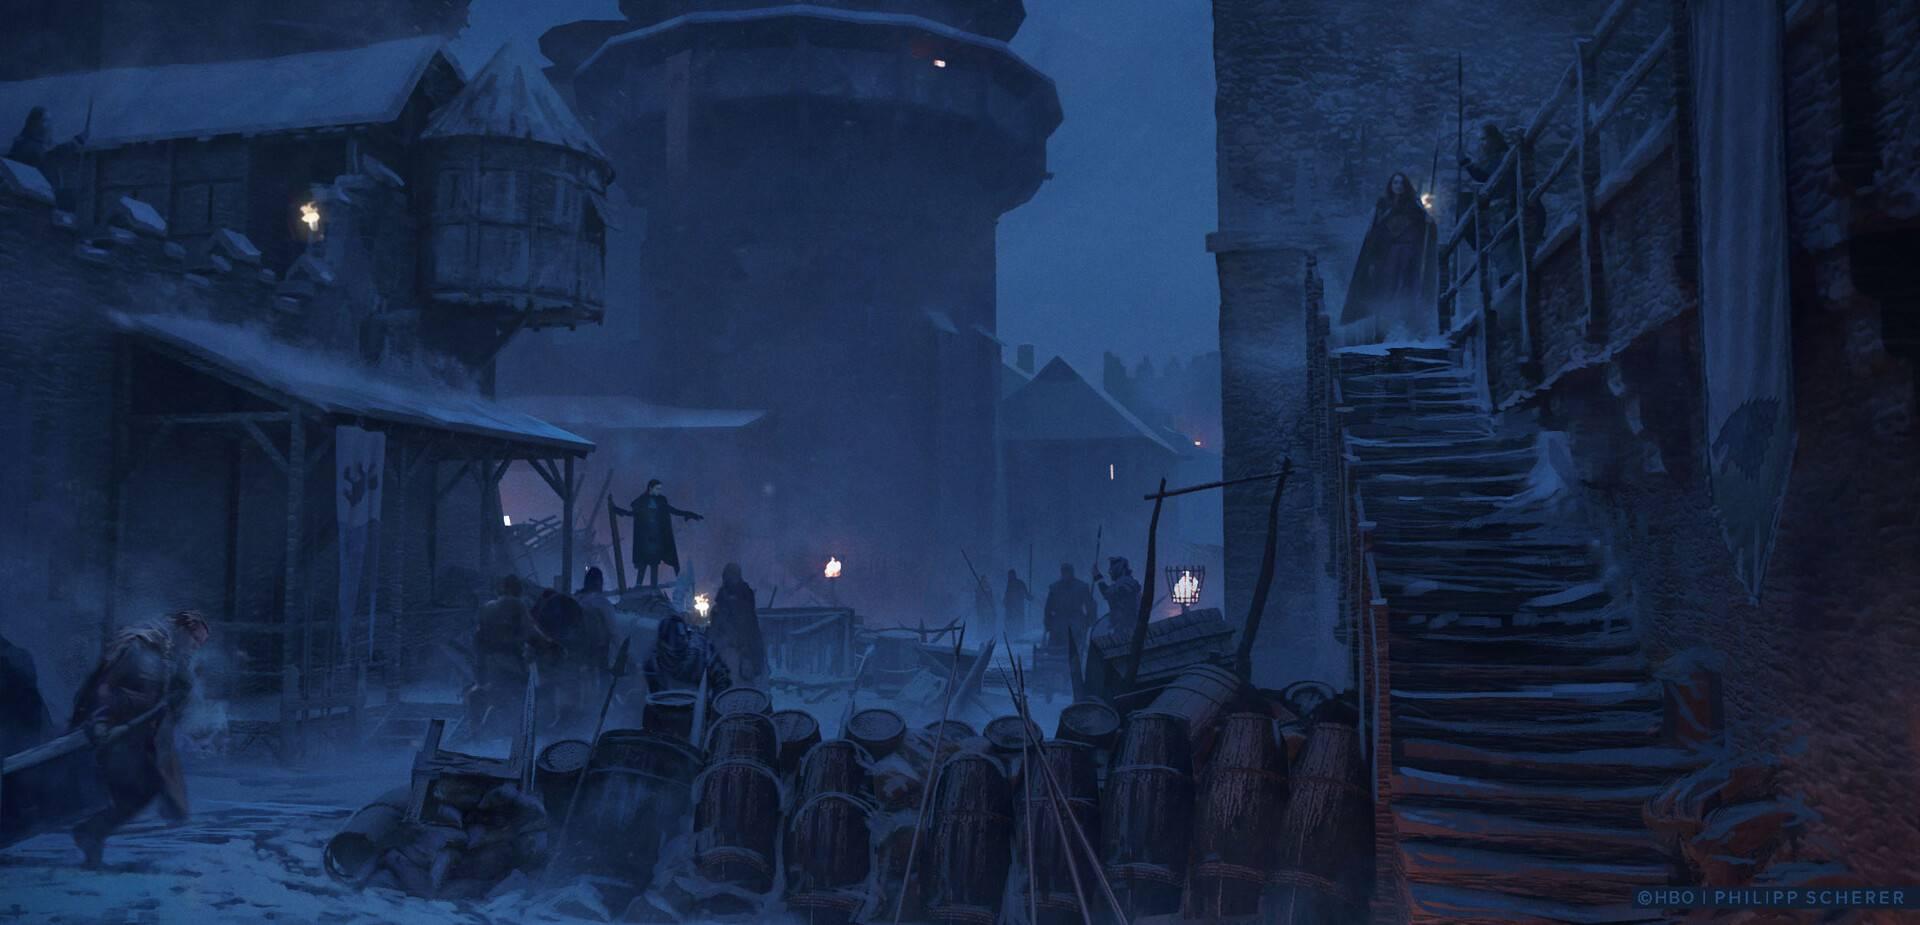 Концепт-арт: иллюстрации к восьмому сезону «Игры престолов» 10